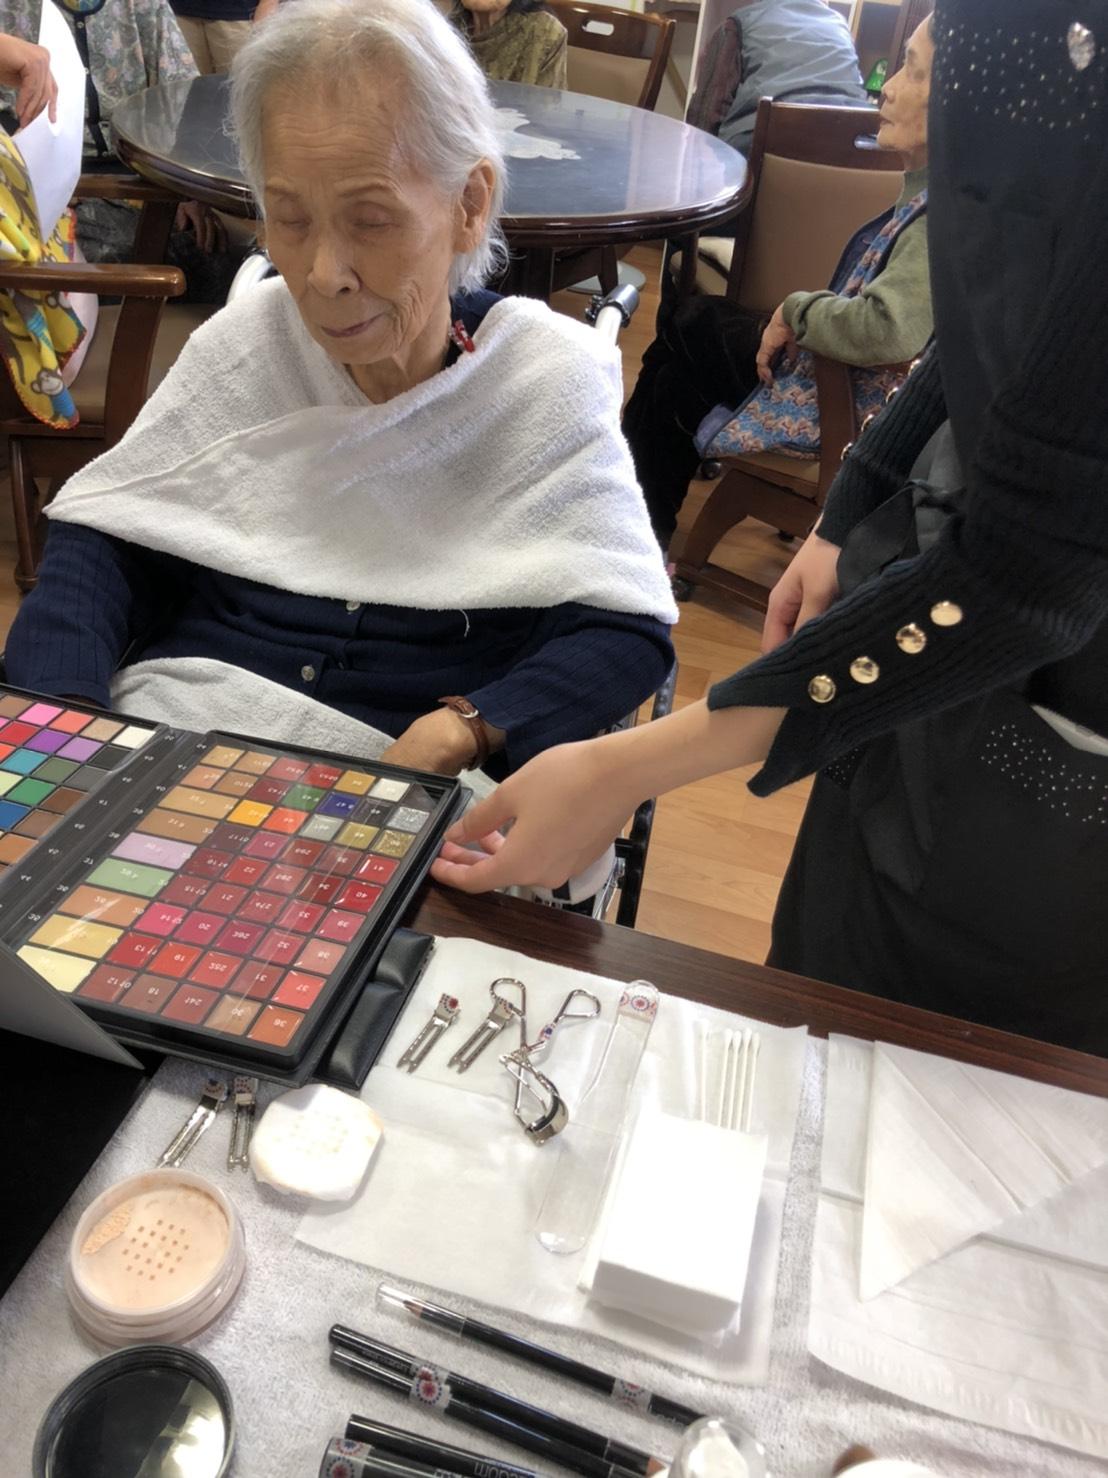 2019年10月17日 お化粧ボランティア